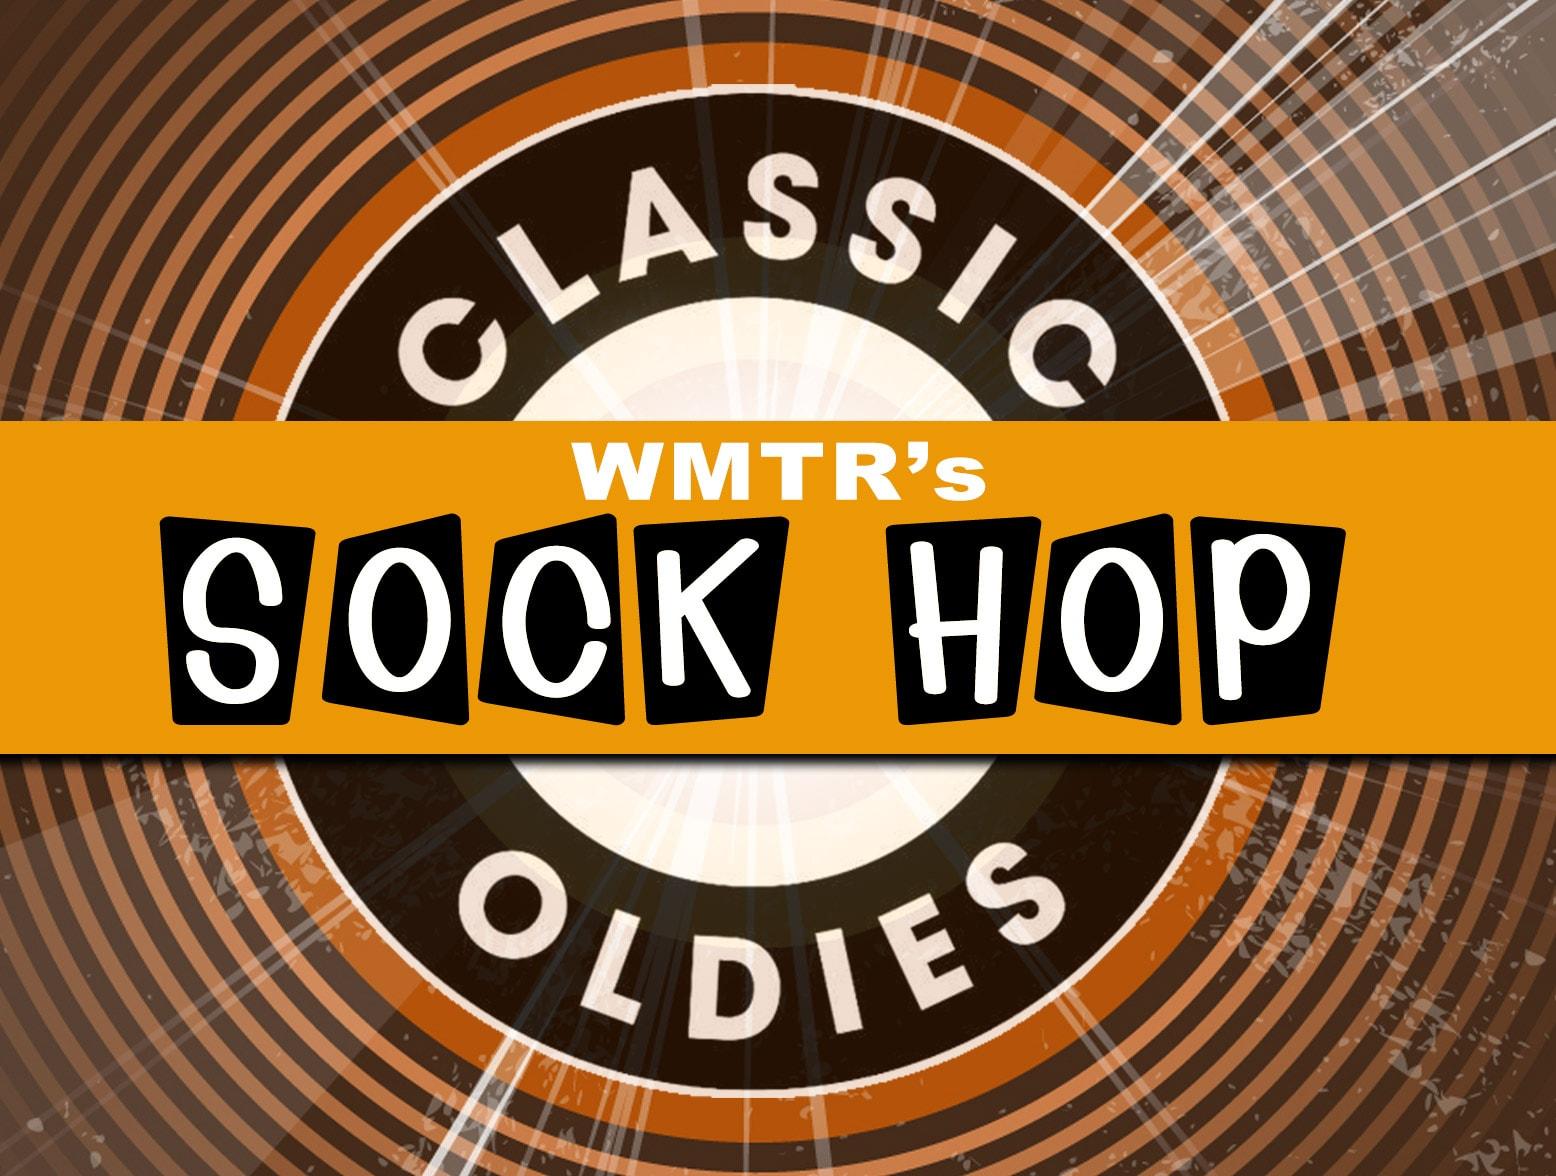 WMTR Sock Hop